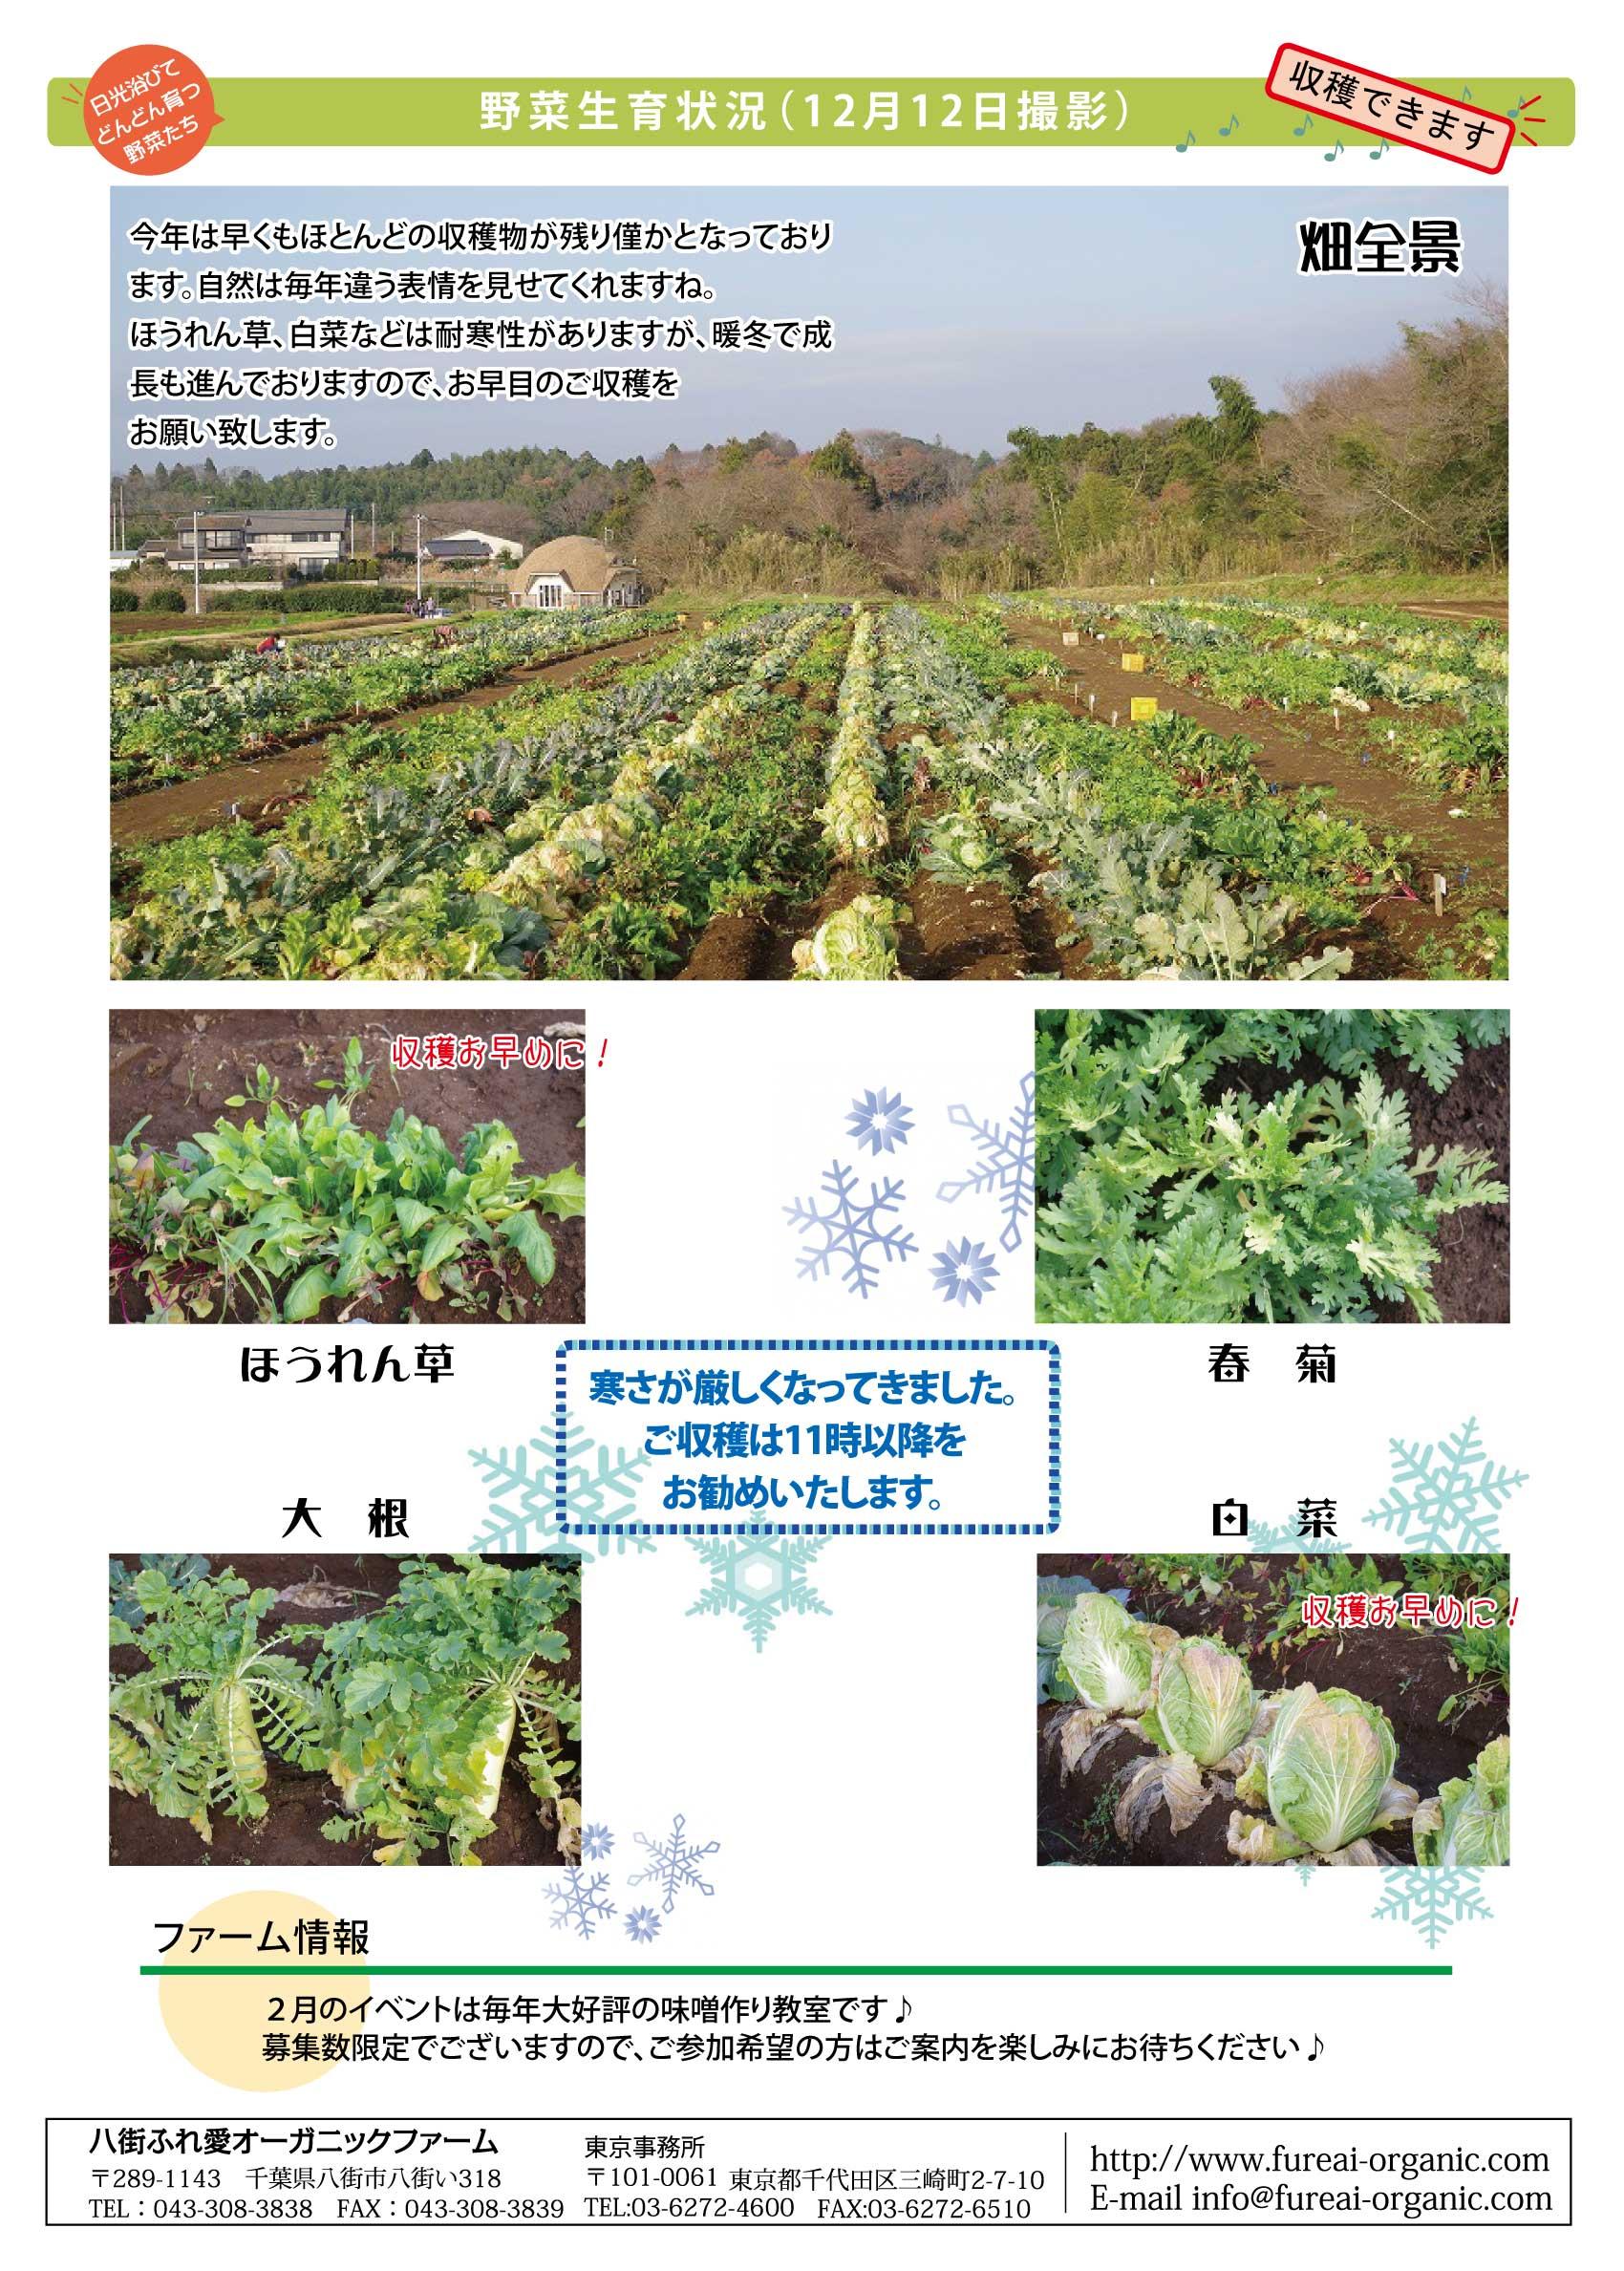 野菜生育状況 今年は早くもほとんどの収穫物が残り僅かとなっております。自然は毎年違う表情を見せてくれますね。ほうれん草、白菜などは耐寒性がありますが暖冬で成長も進んでおりますので、お早めのご収穫をお願いいたします。